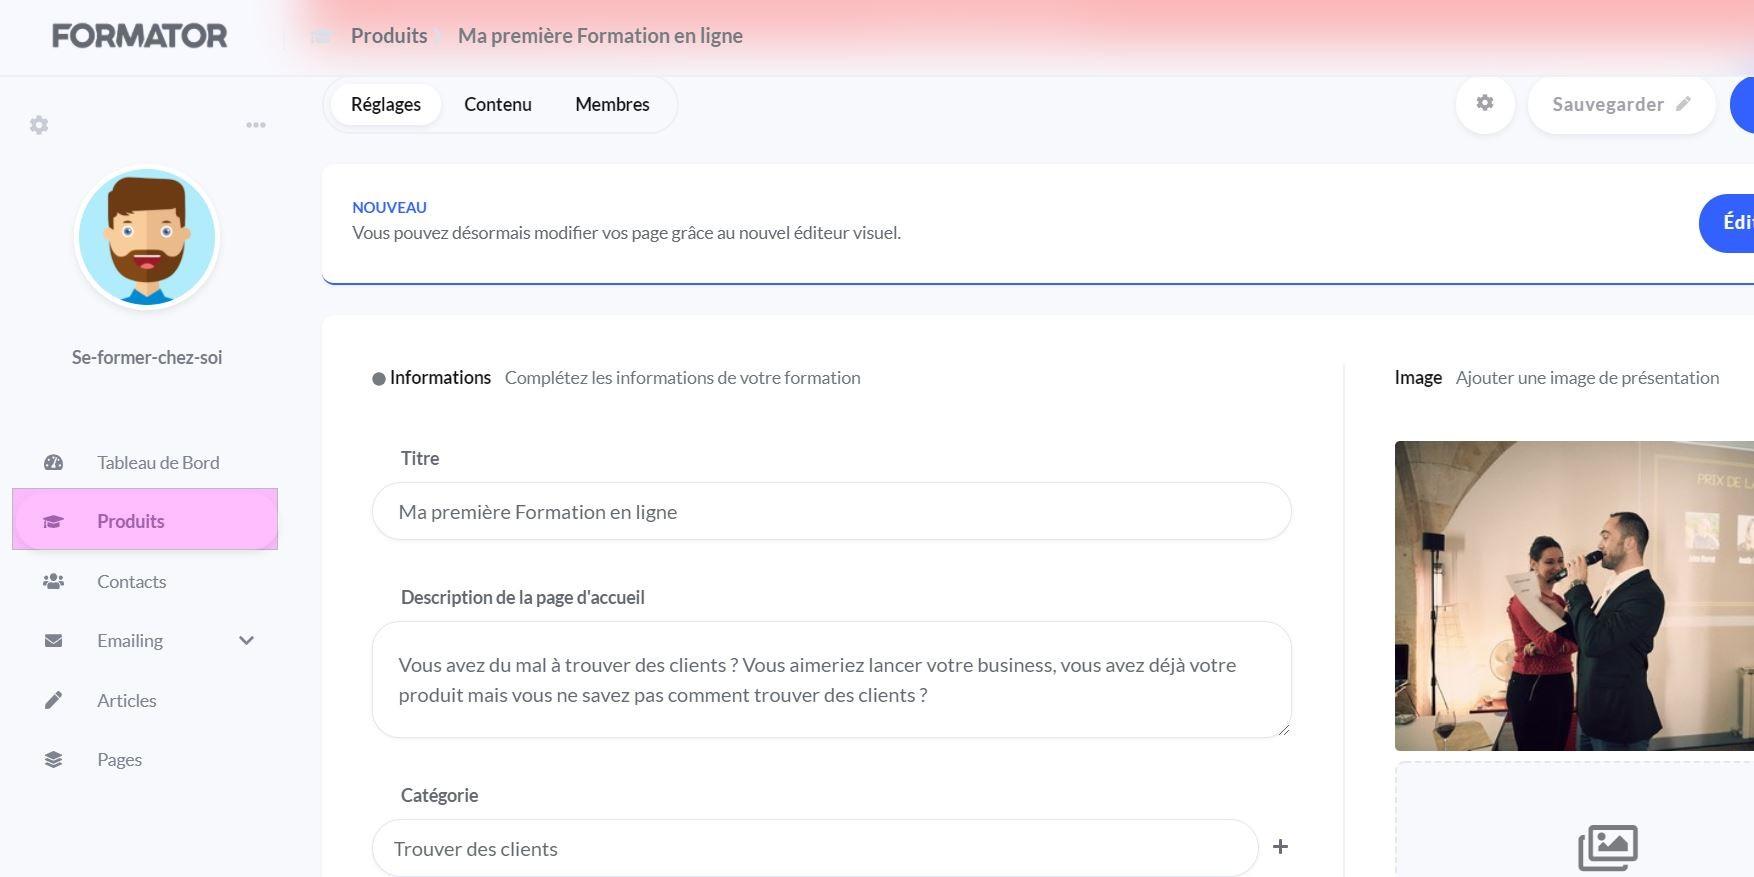 outil-vendre-formation-en-ligne-formator-io